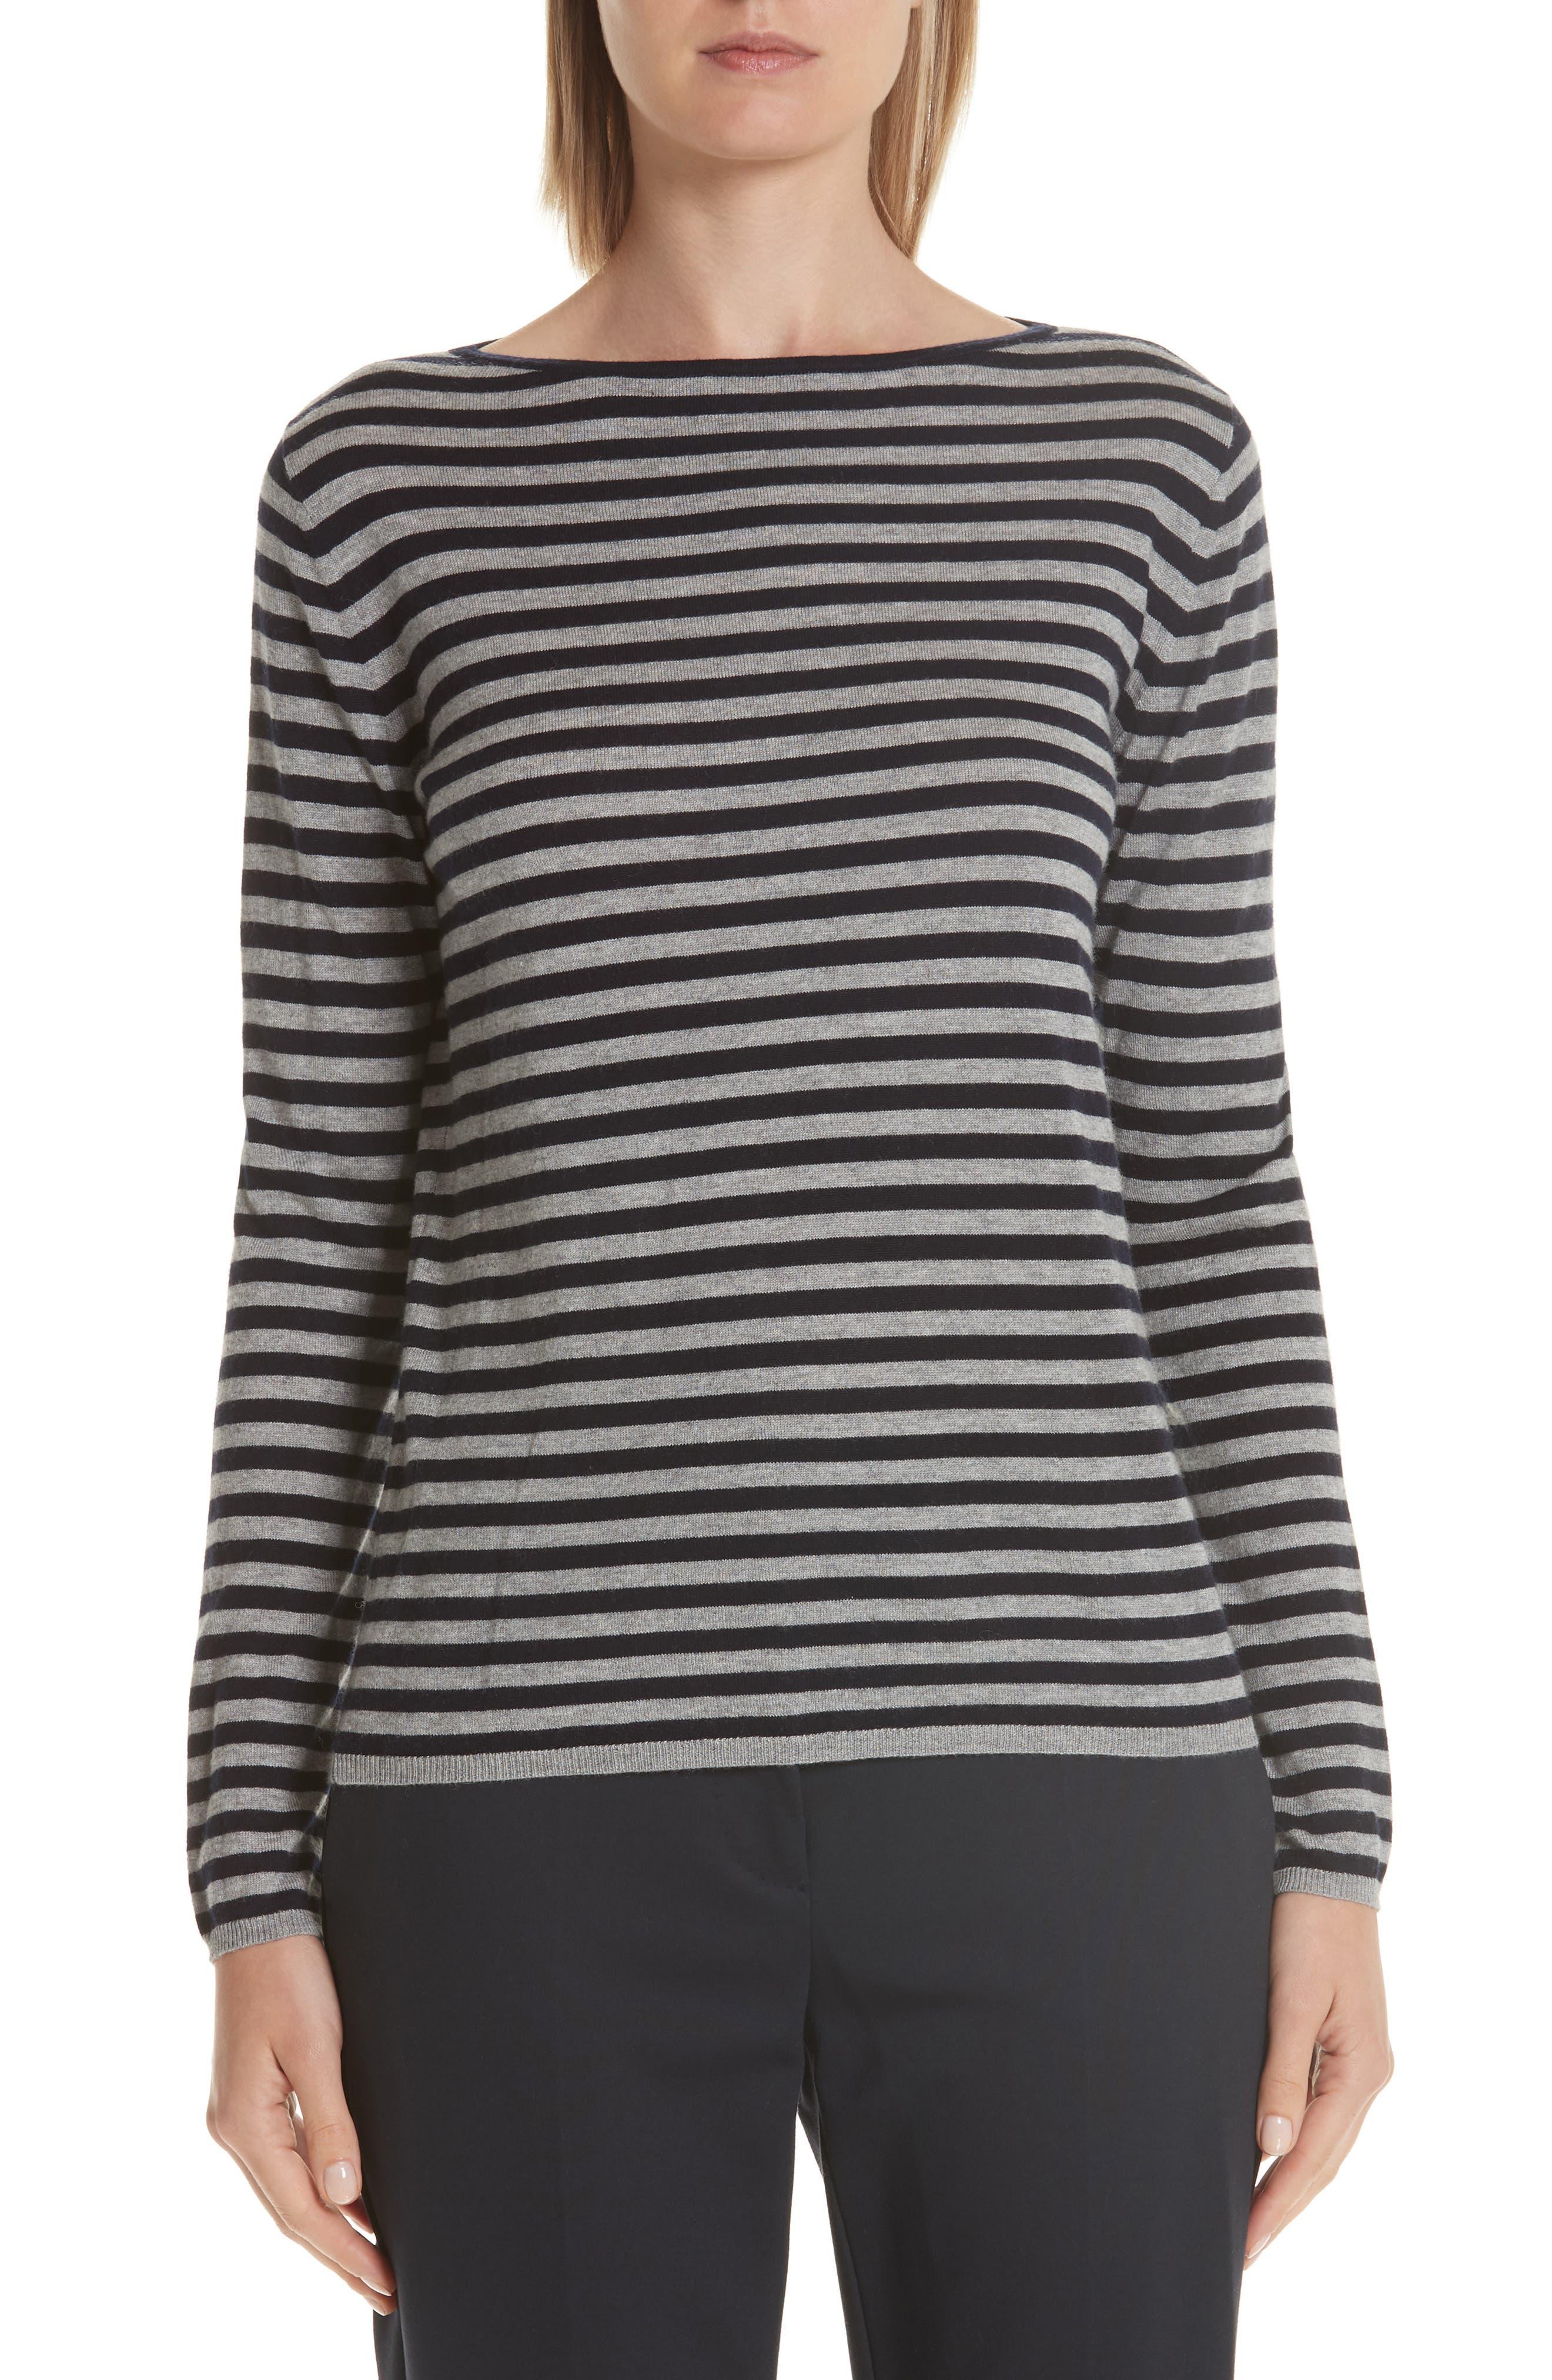 MAX MARA Nardo Stripe Silk & Cashmere Sweater, Main, color, LIGHT GREY